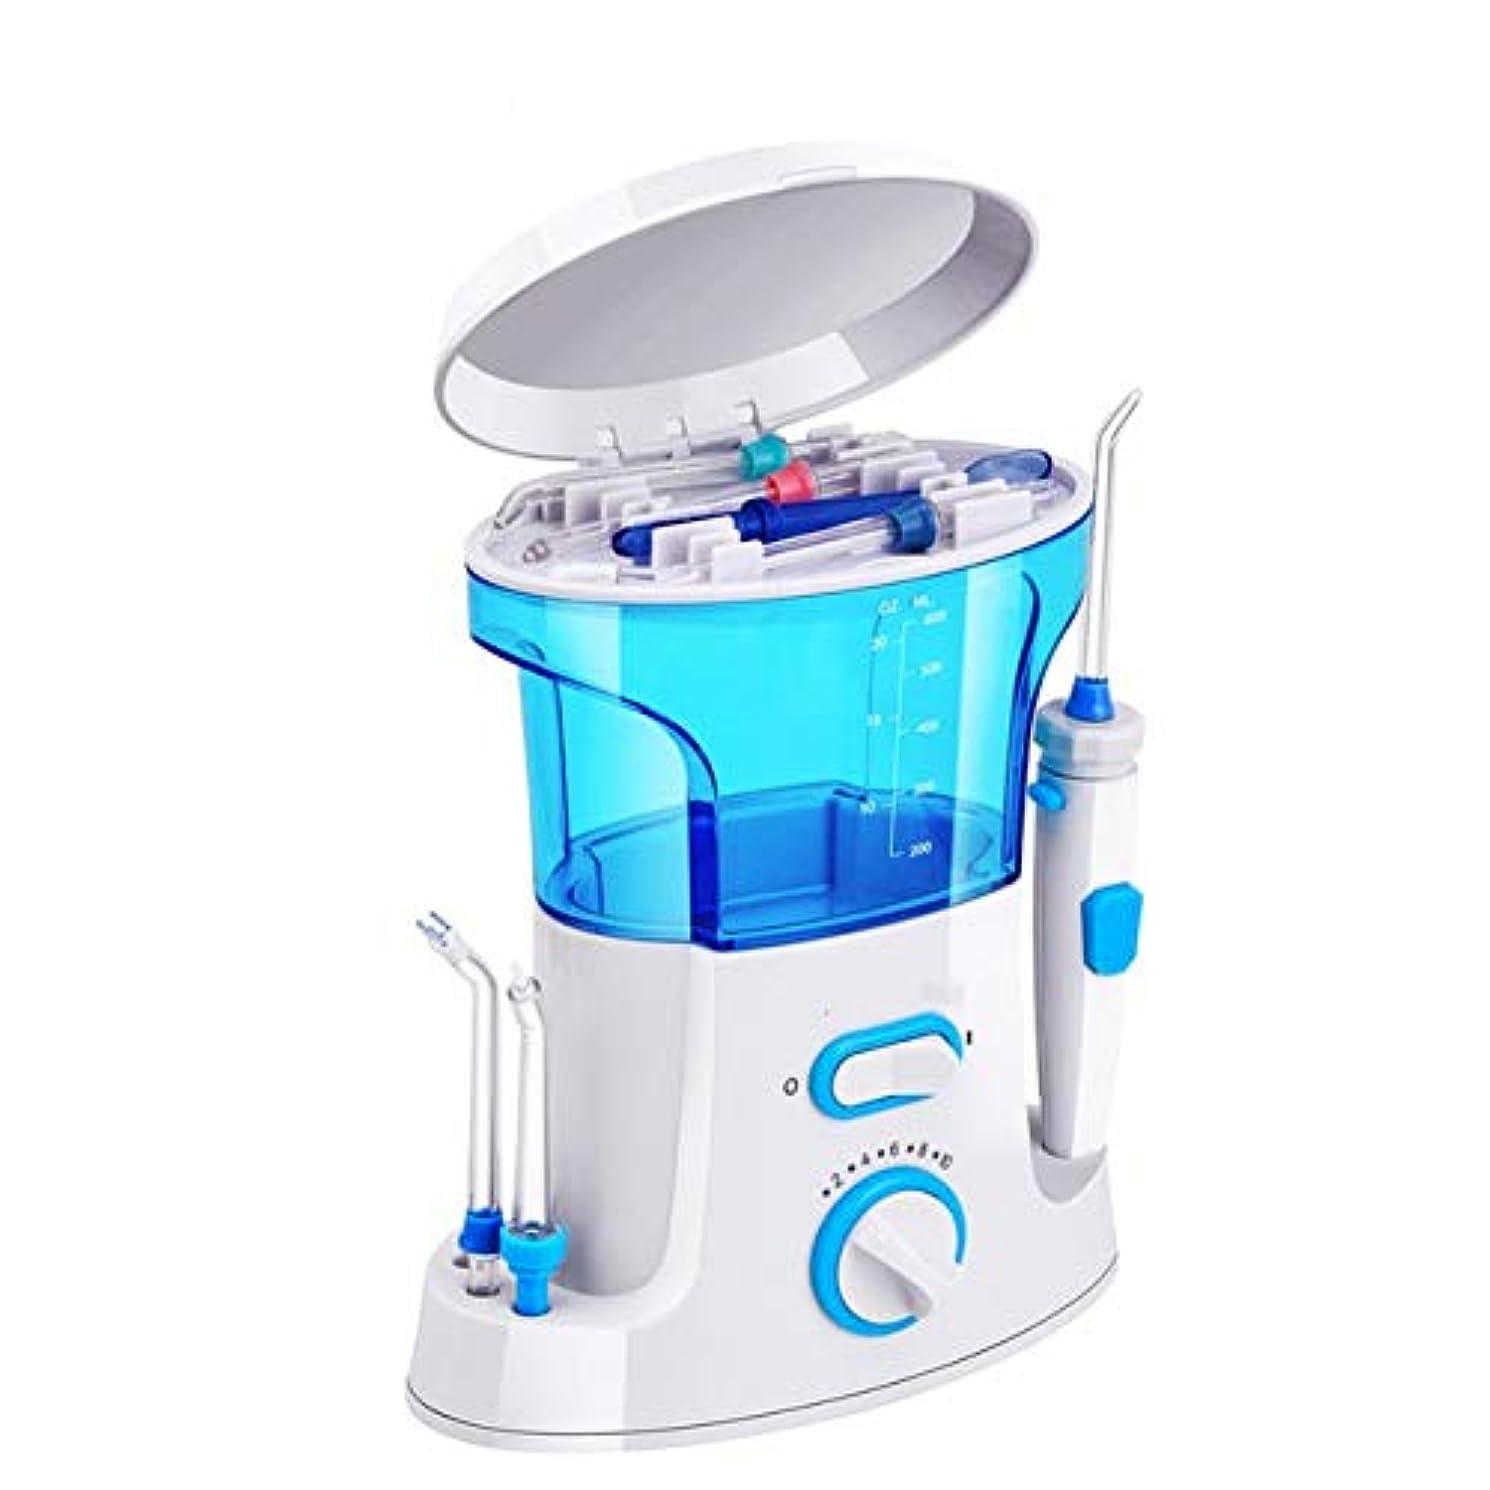 余分なウッズ肩をすくめる口頭洗浄器、電気コードレス口頭洗浄器ポータブル8ノズル10調節可能な圧力歯科歯のクリーニングケア